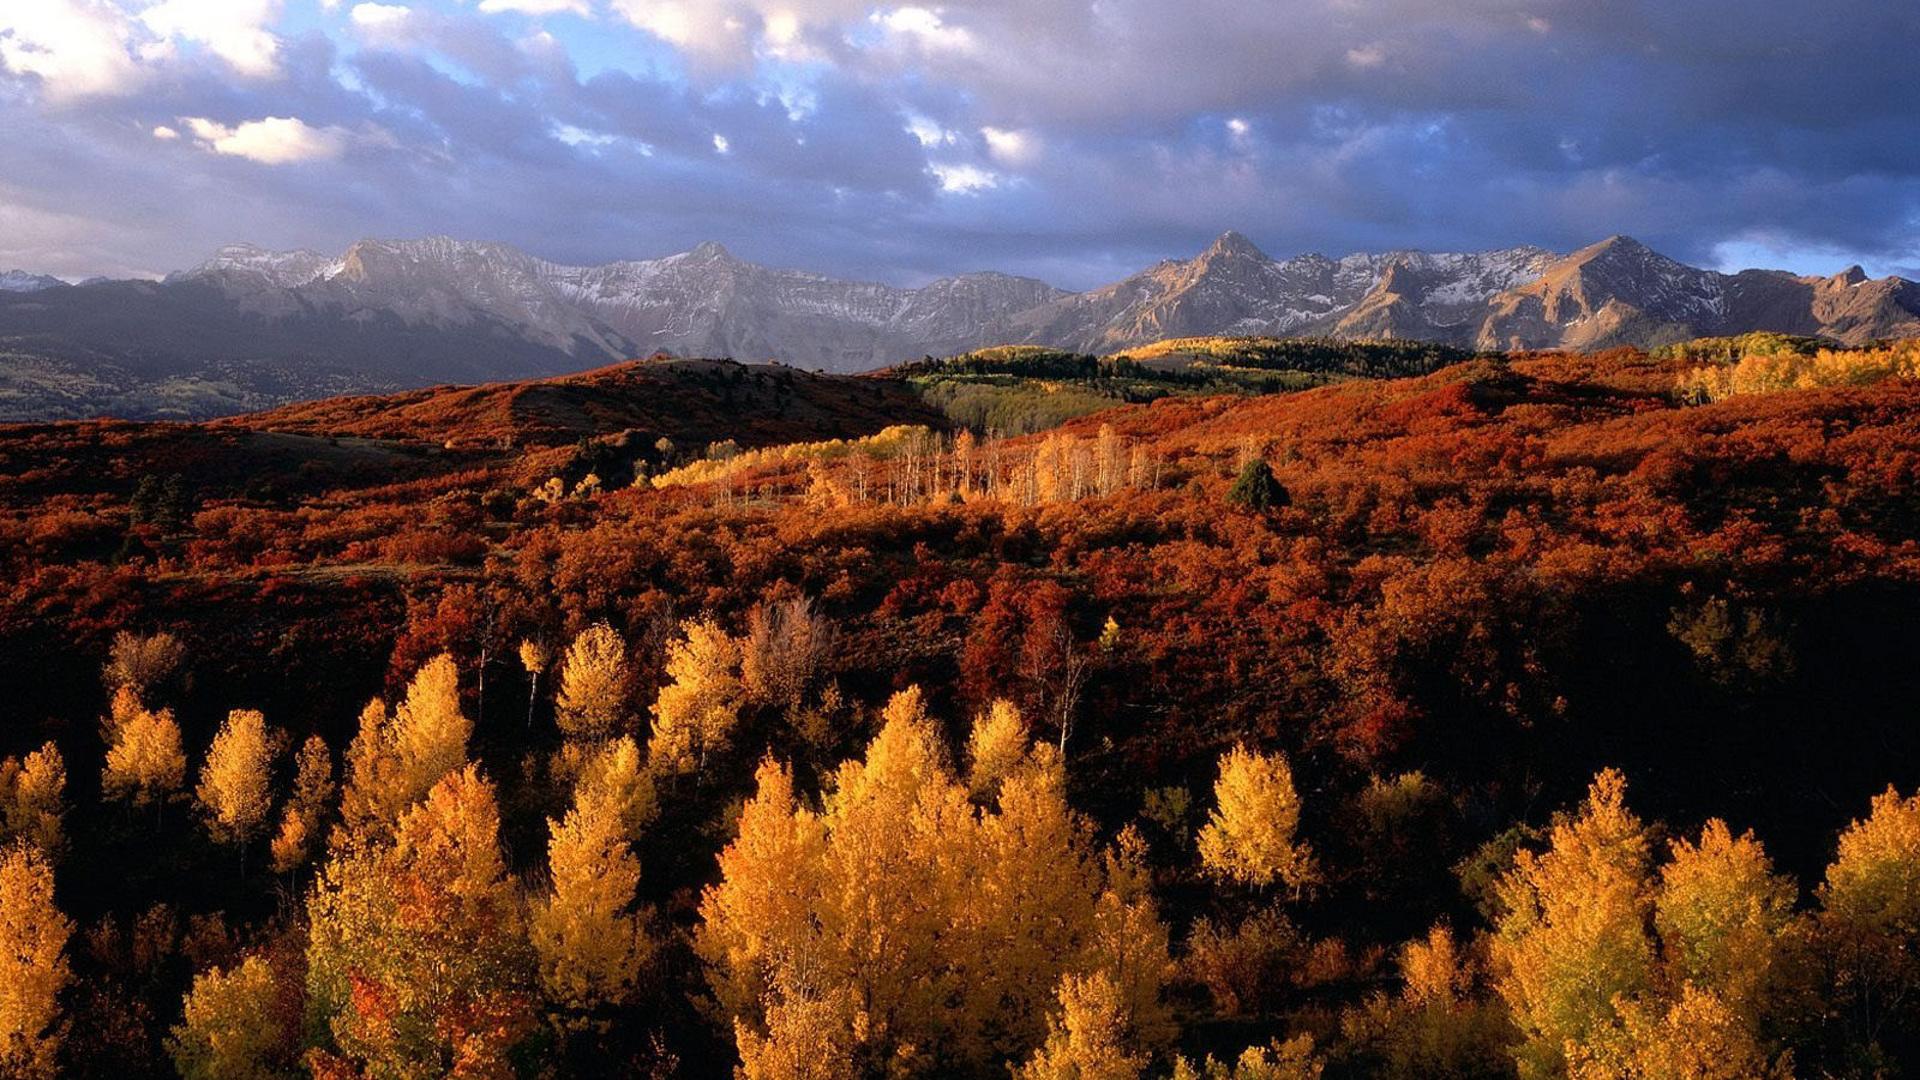 она осенние пейзажи казахстана фото сегодняшний